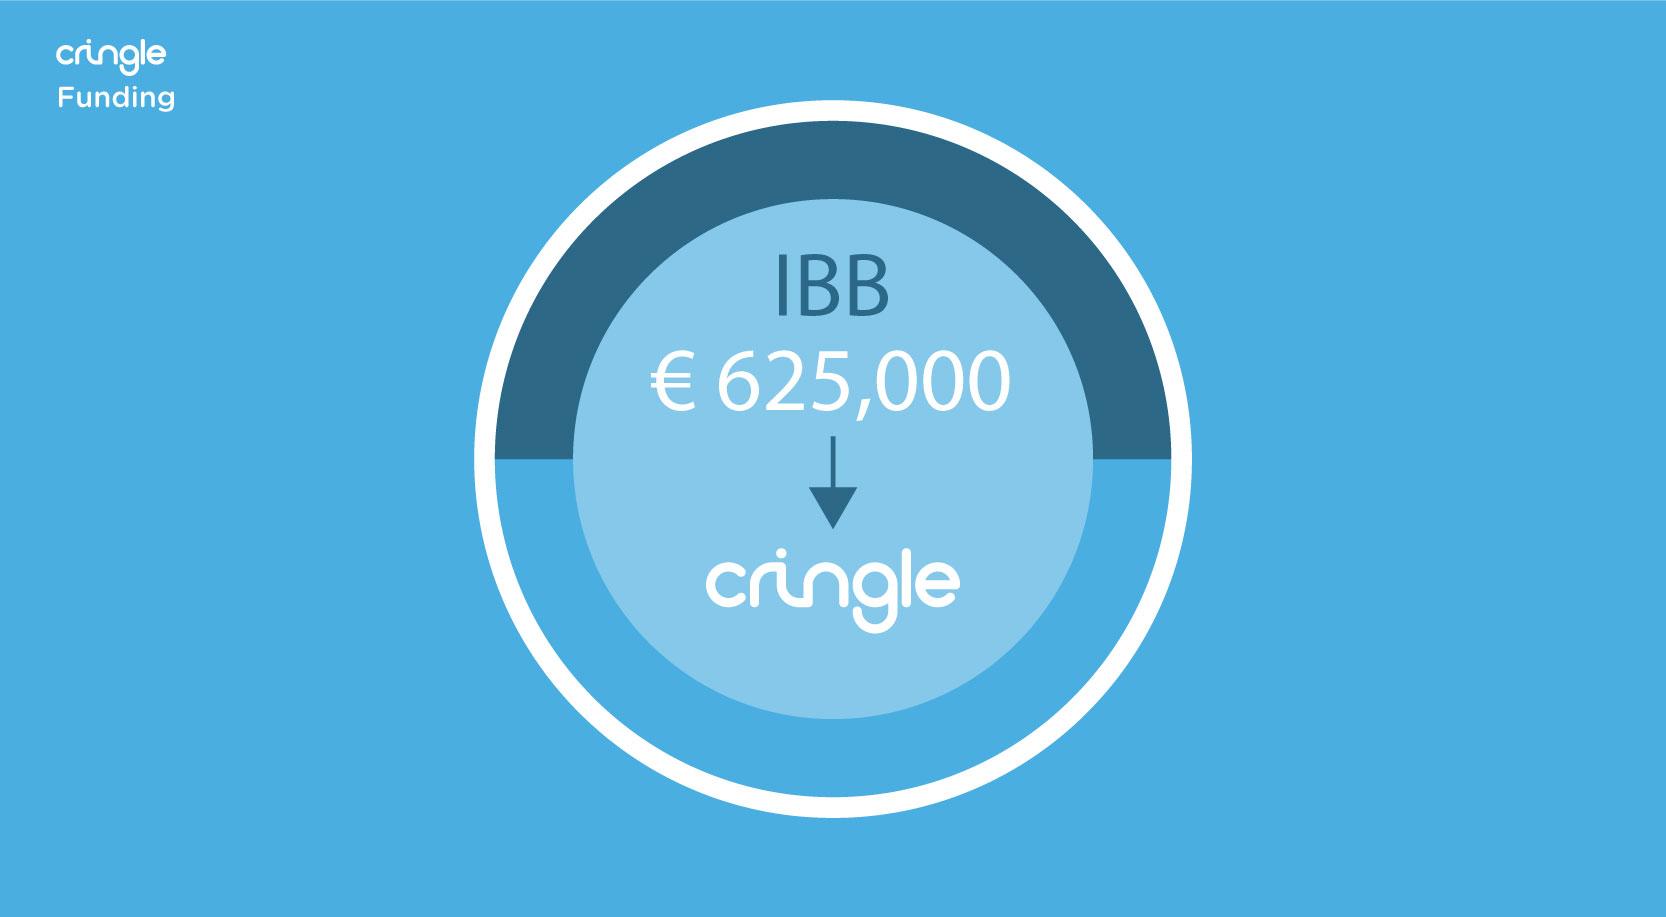 Cringle - Funding IBB